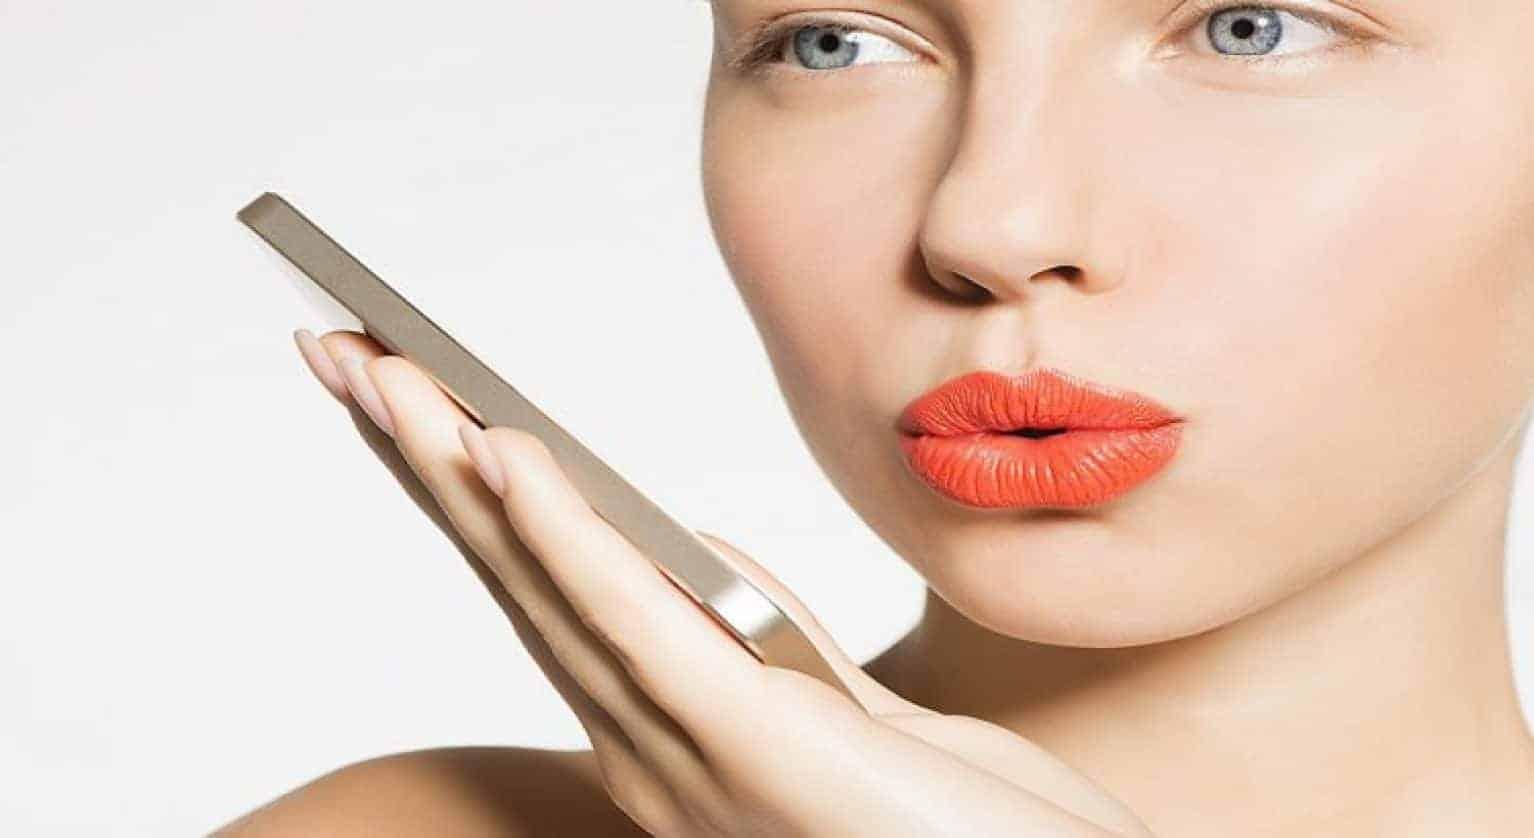 Des applis beauté CosmEthics, Clean Beauty...analysent vos cosmétiques